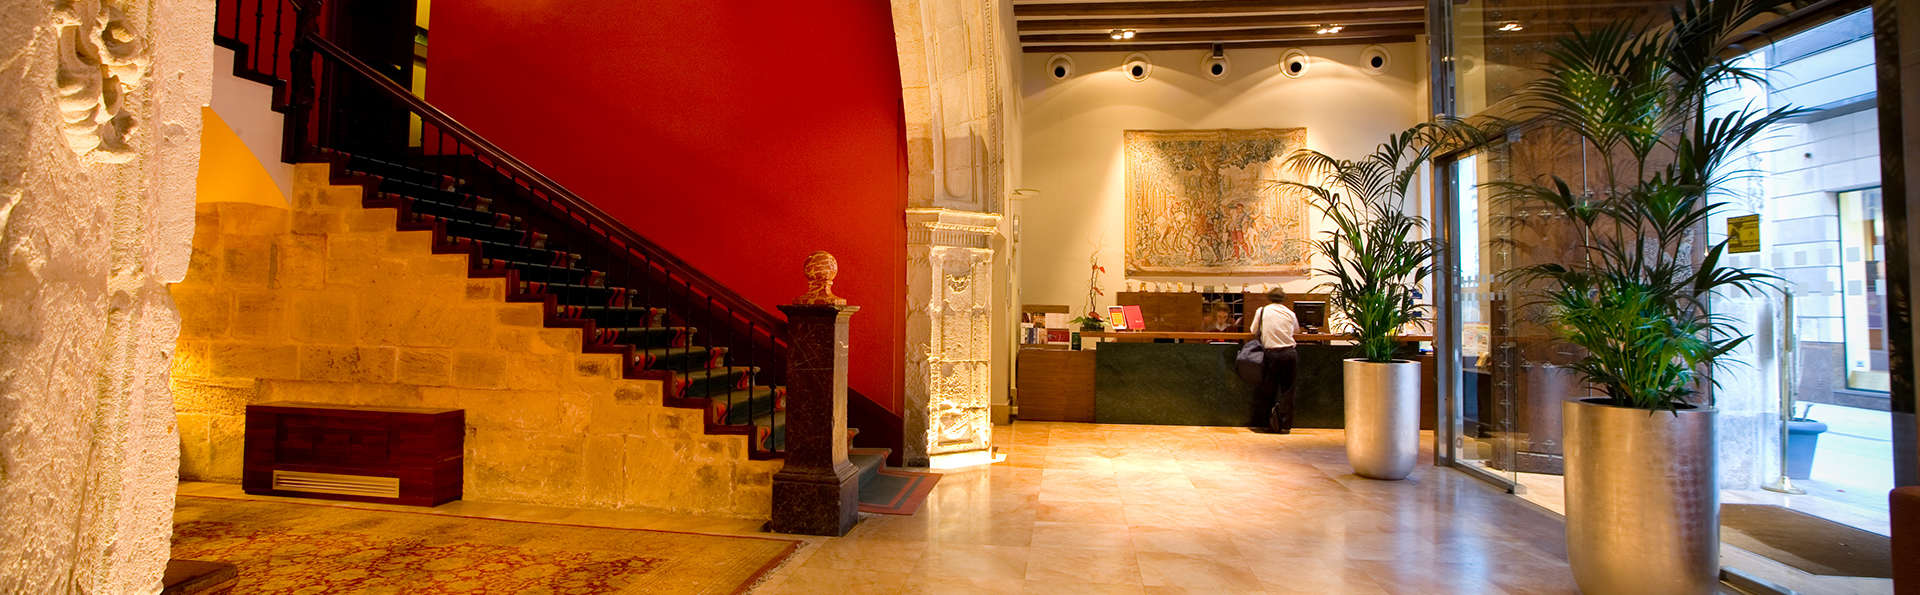 Sercotel Palacio de Tudemir Boutique Hotel - edit_entrance.jpg